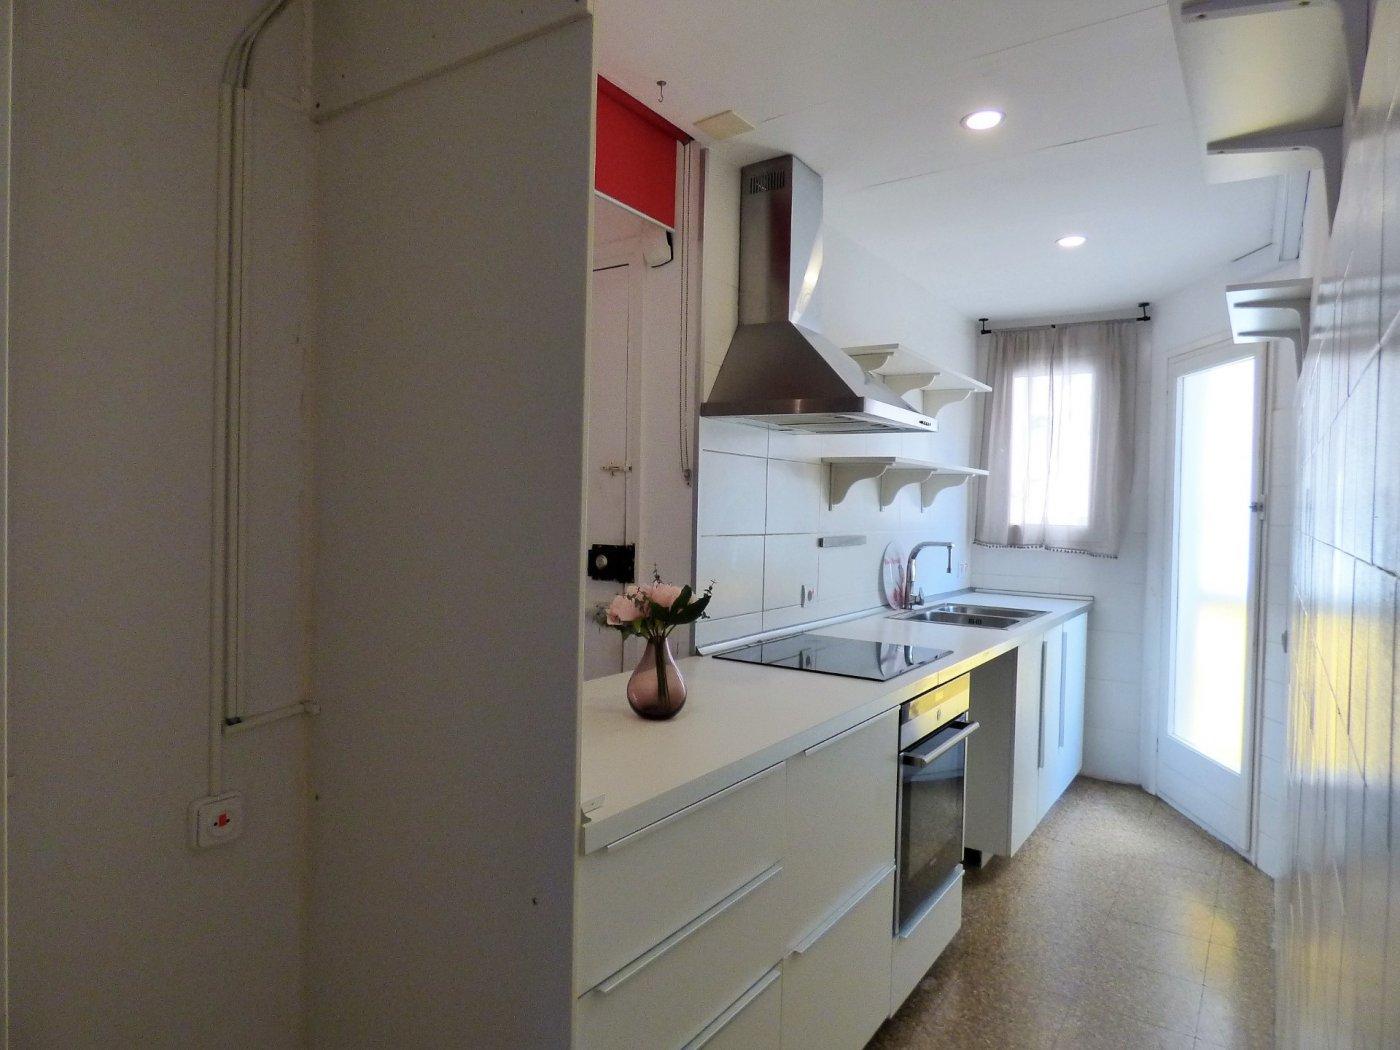 piso semireformado en zona muy cÉntrica del borrÁs, en castellbell i el vilar, en venta